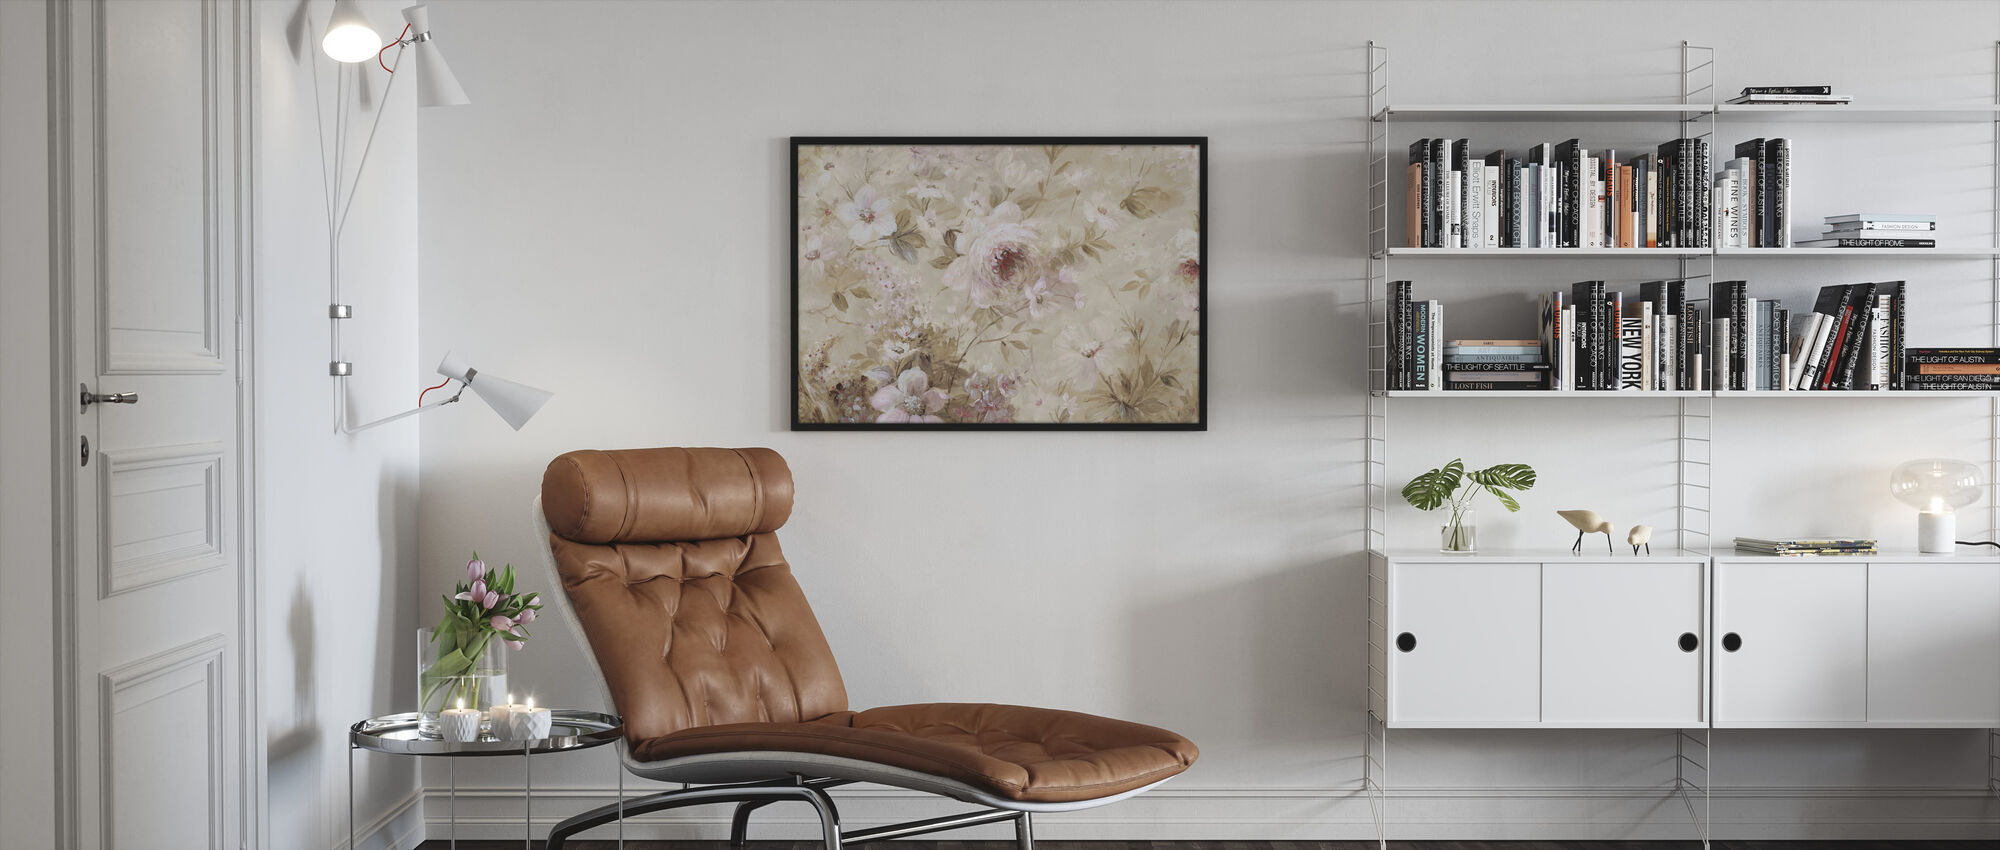 Floral Cream - Framed print - Living Room